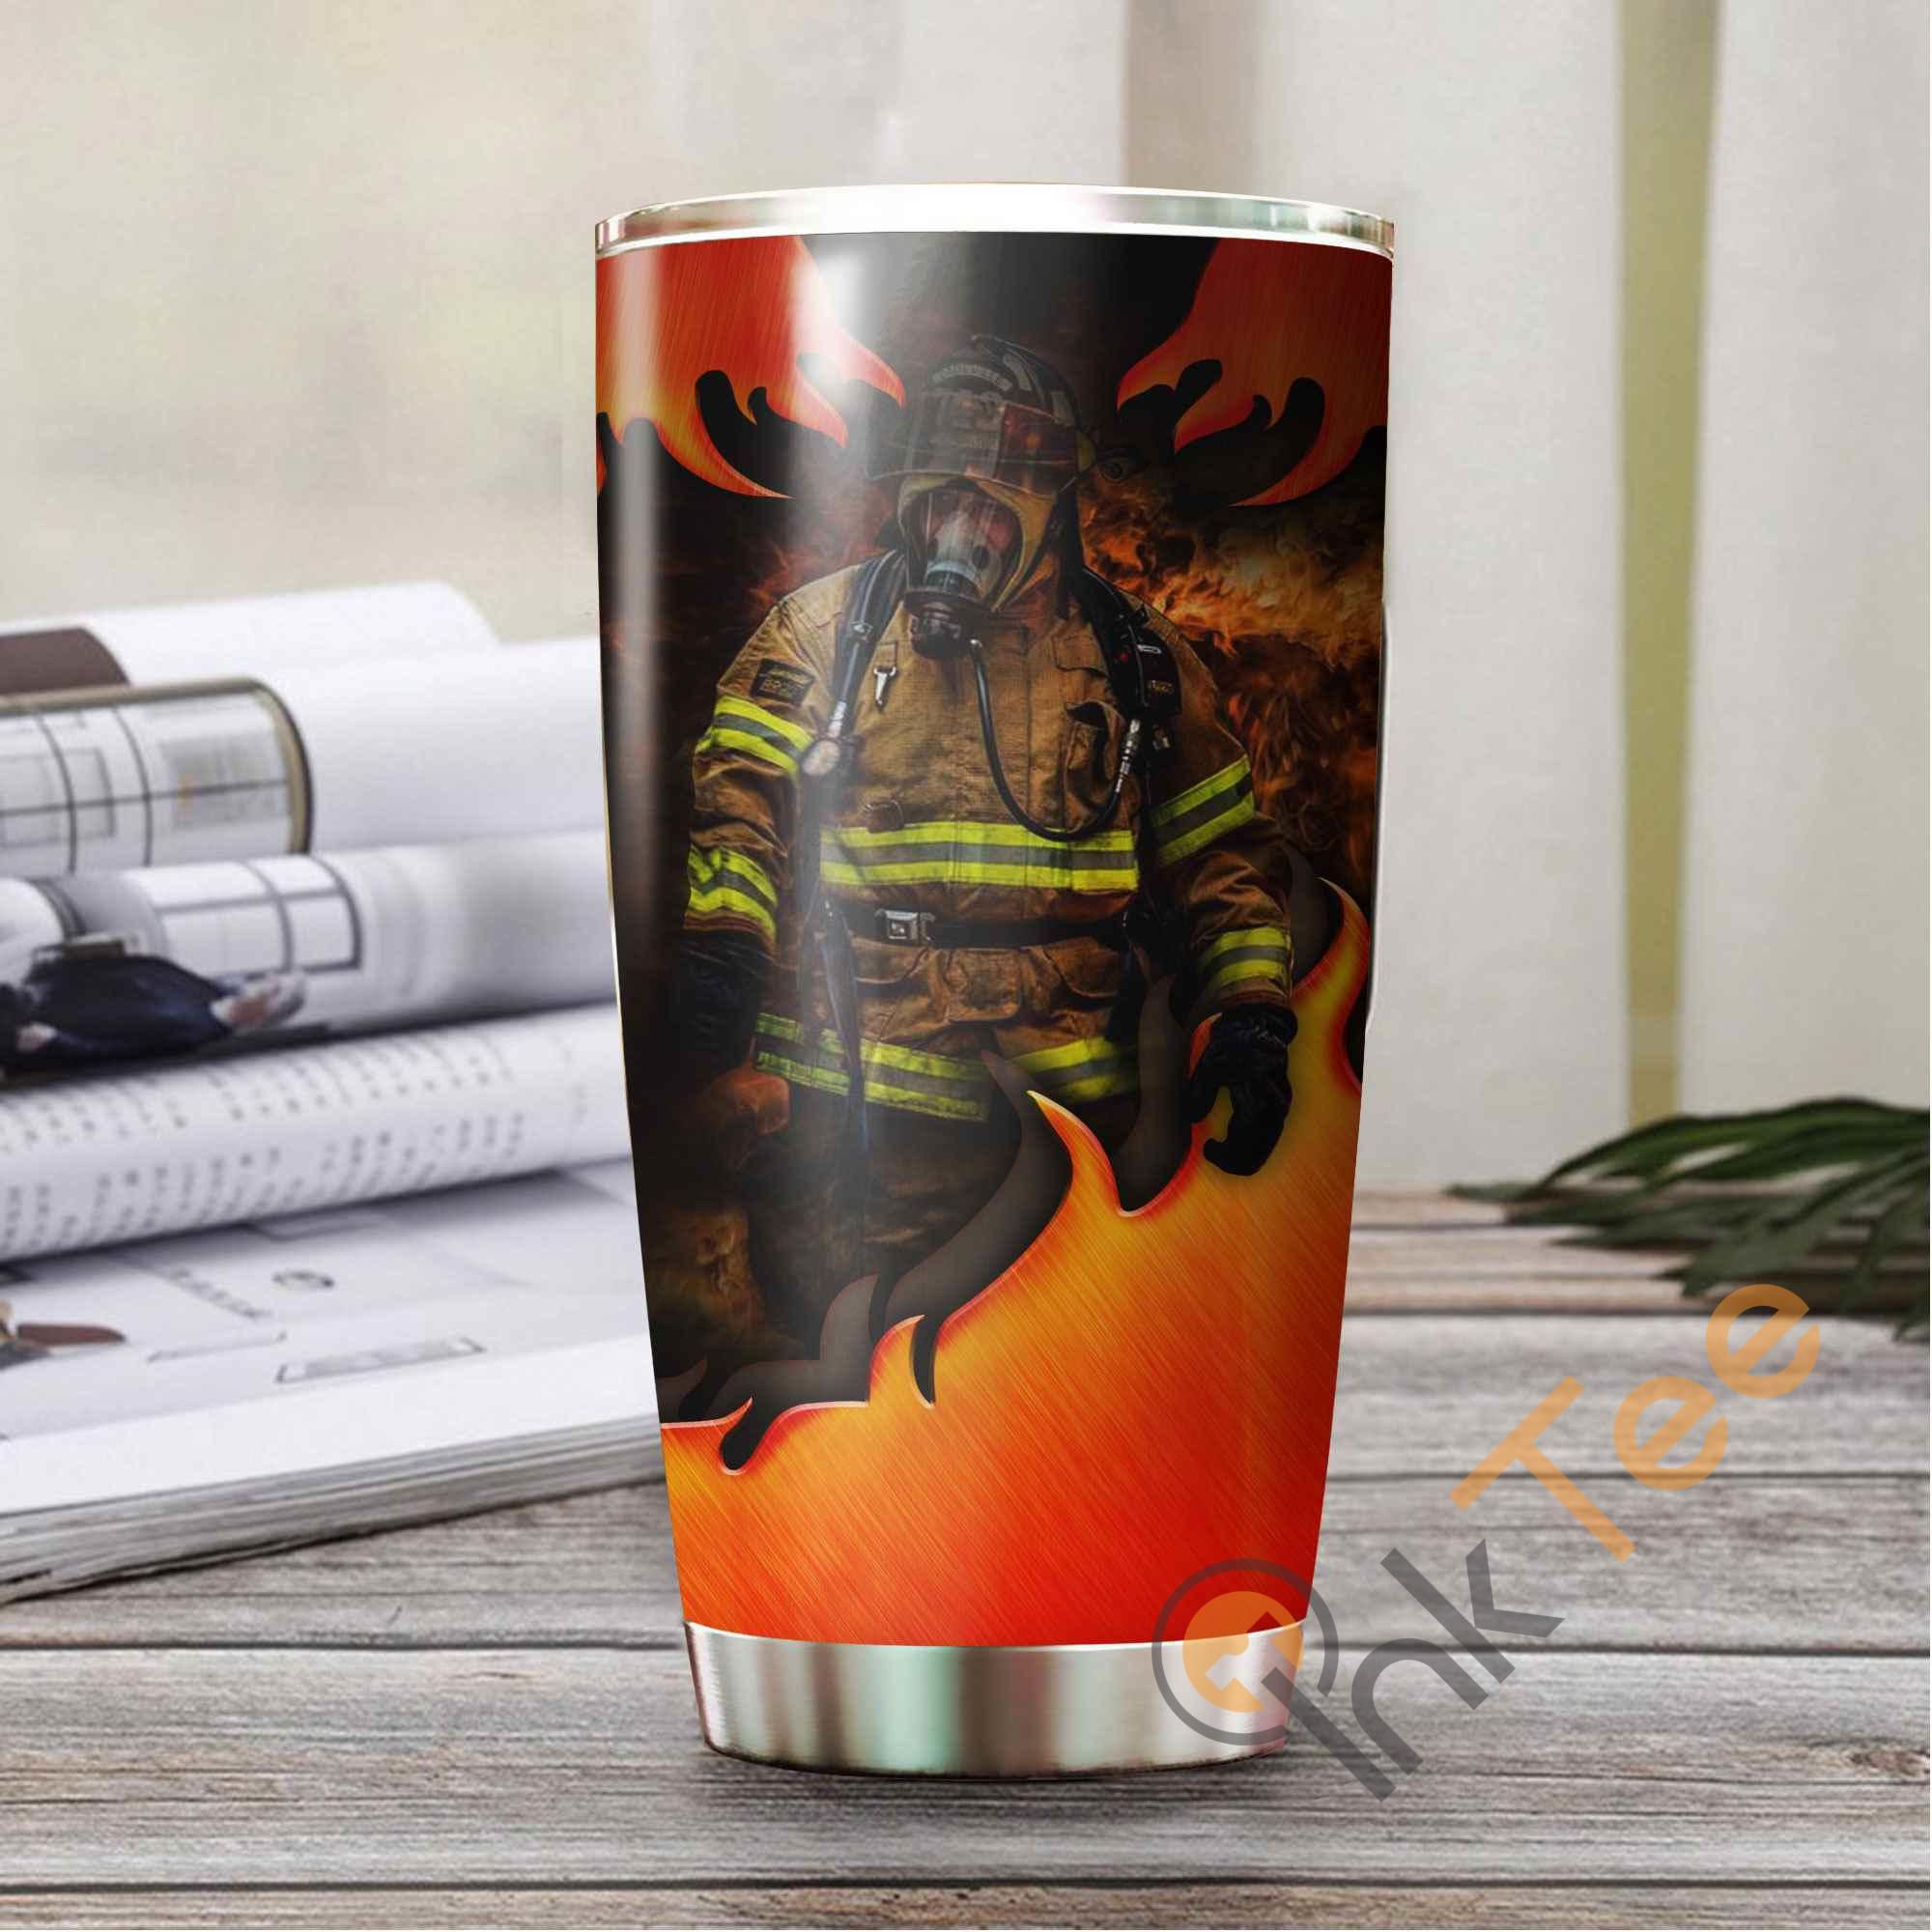 Firefighter Amazon Best Seller Sku 3838 Stainless Steel Tumbler